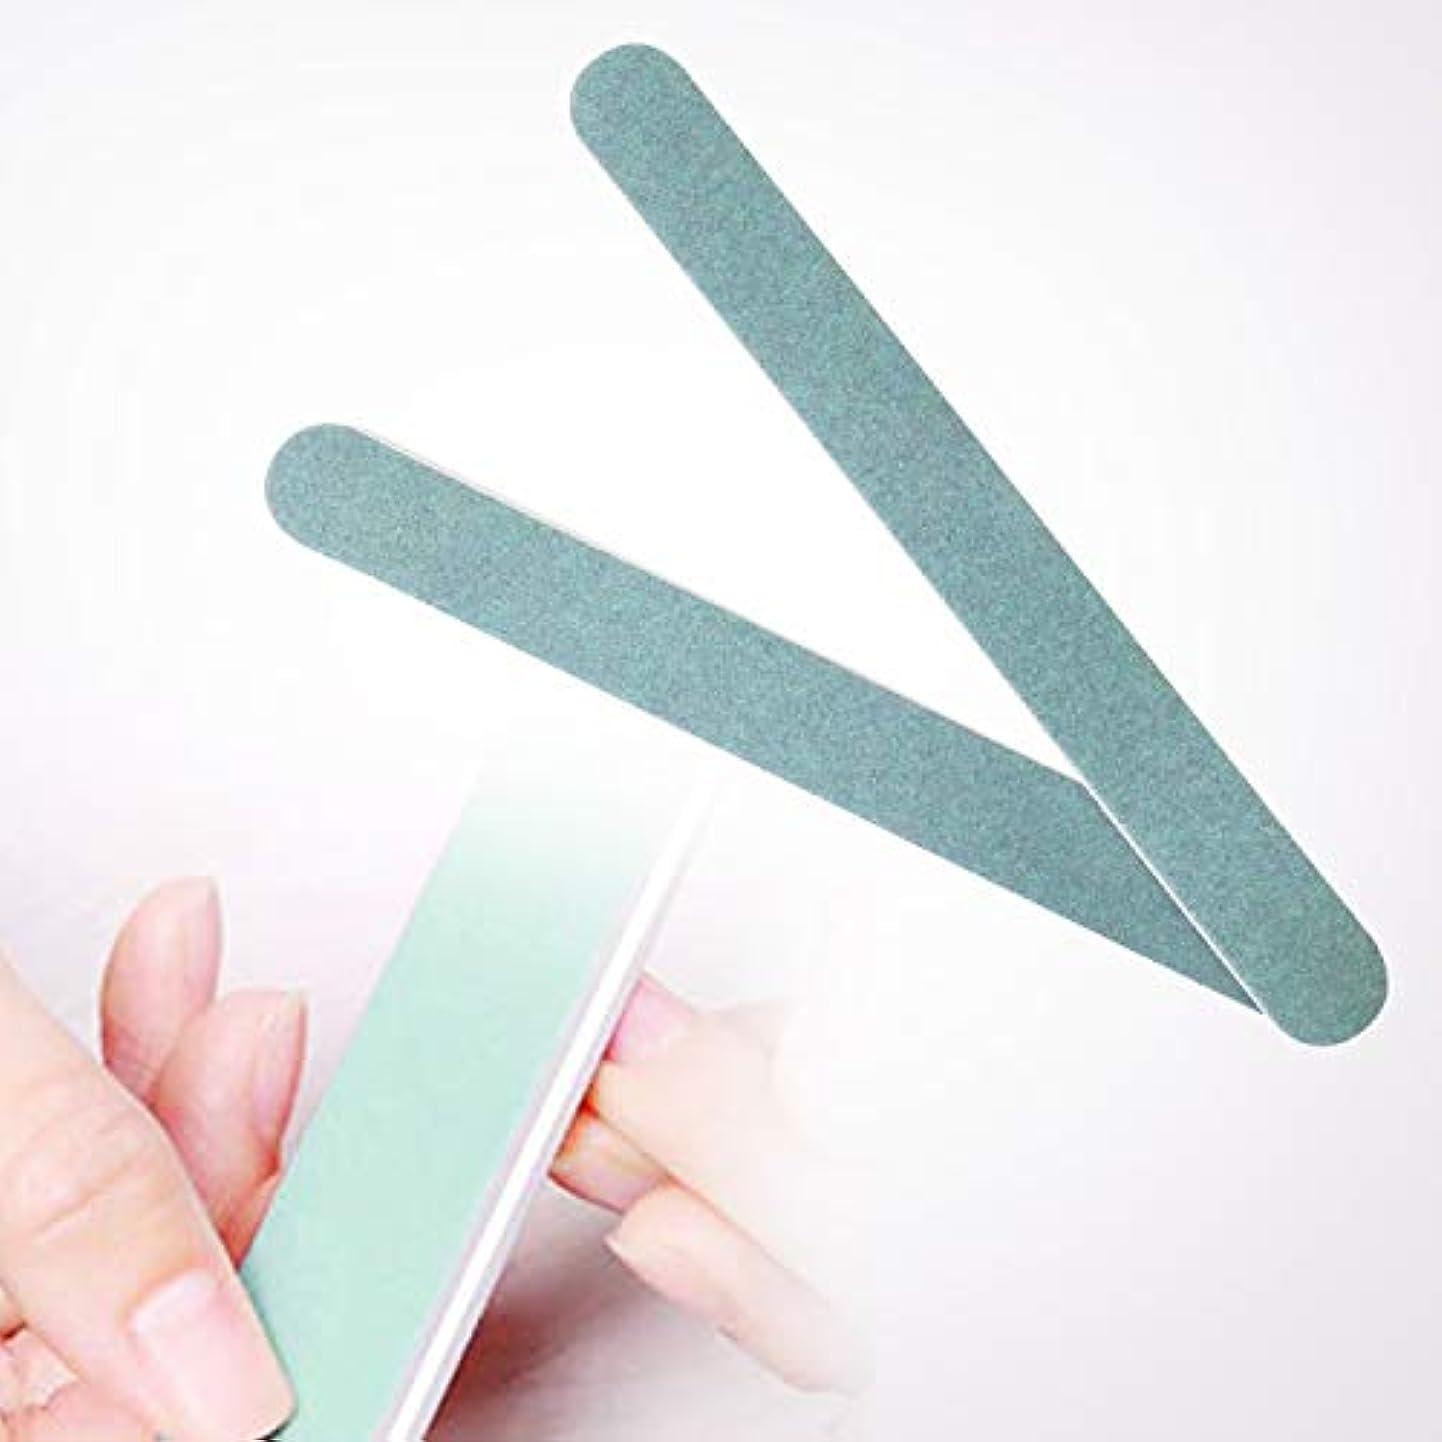 合併におい告白するurlifeエリコネイル エメリーボード パーフェクトシャイン ネイルをつやつやにするスポンジネイルファイル 両面使えるマニキュアDIYのソフトファイル 爪磨き 爪に優しい爪やすり 2本入